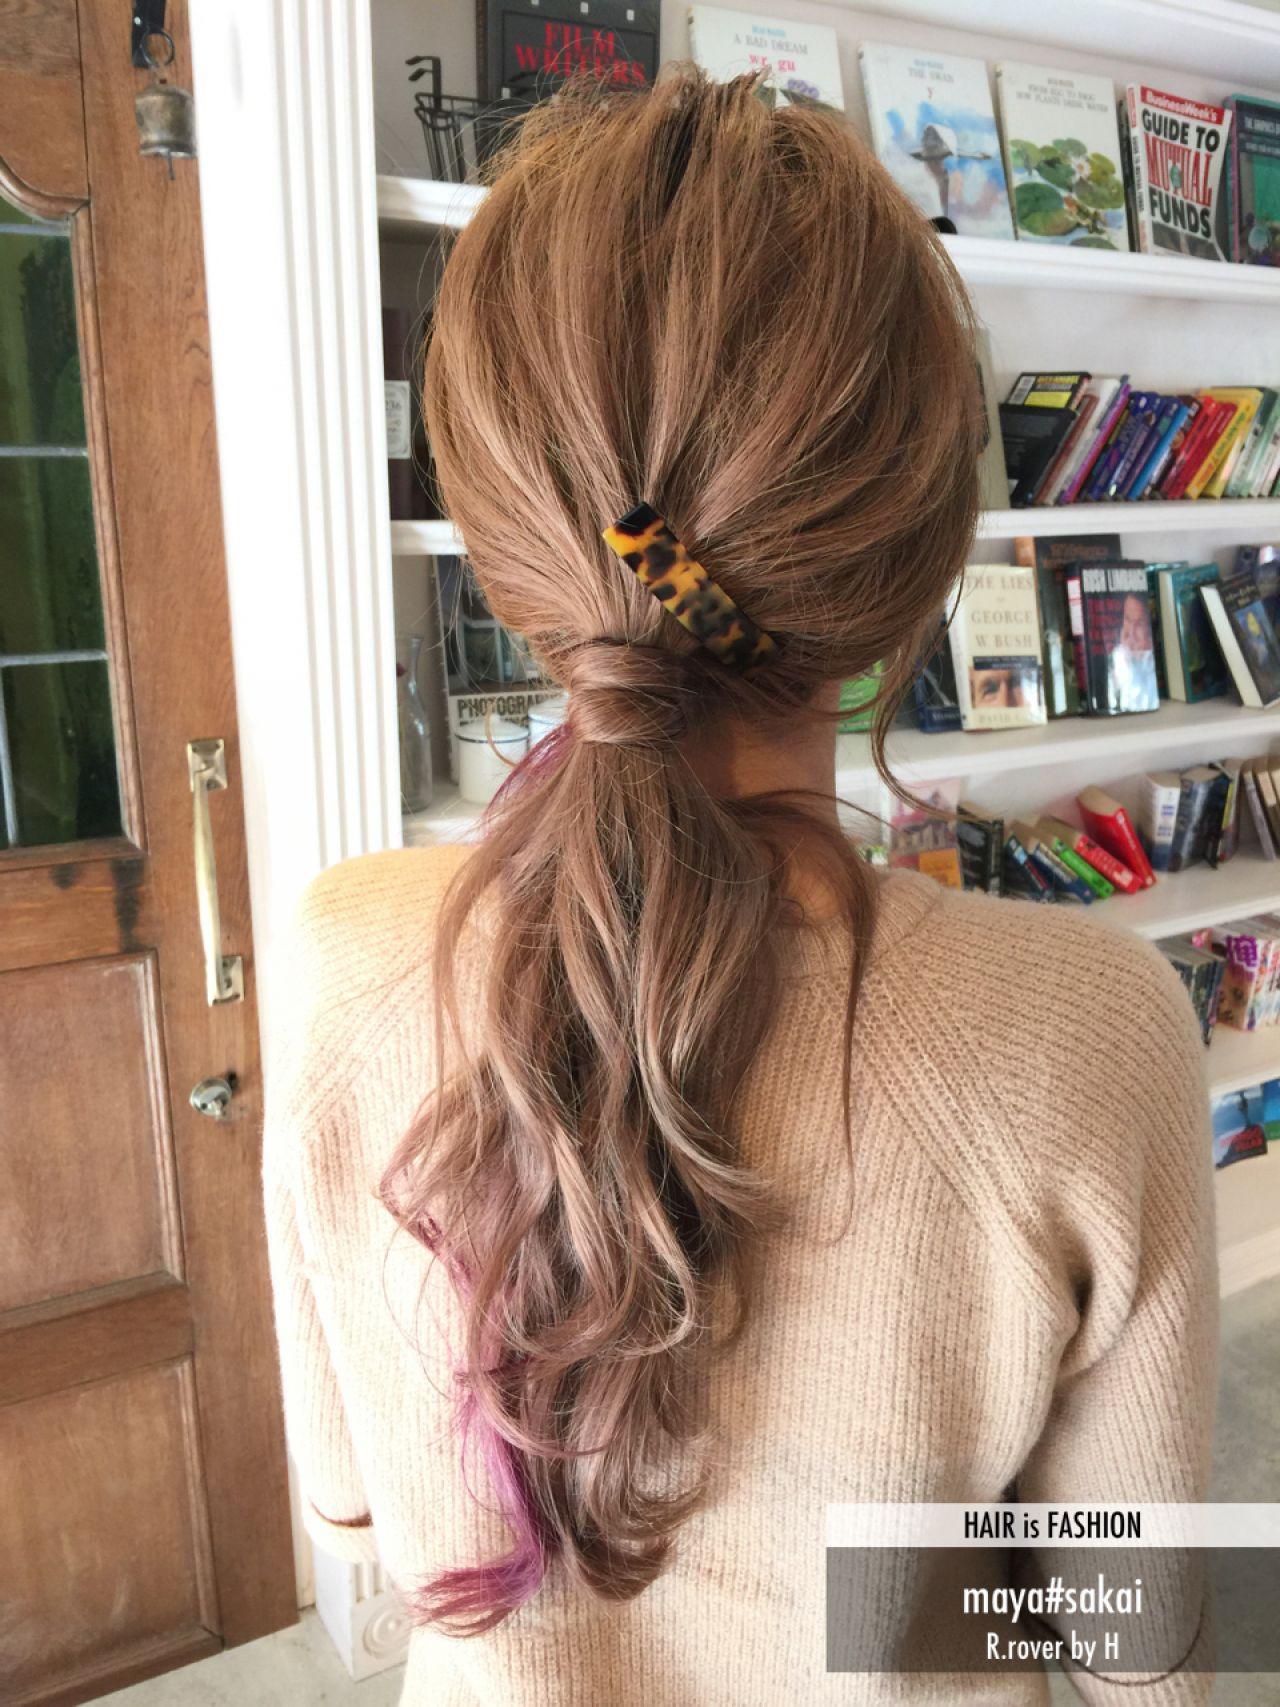 【ロングさん向け】髪が長いからこそ楽しむべき♪ヘアアレンジ12選 maya#sakai